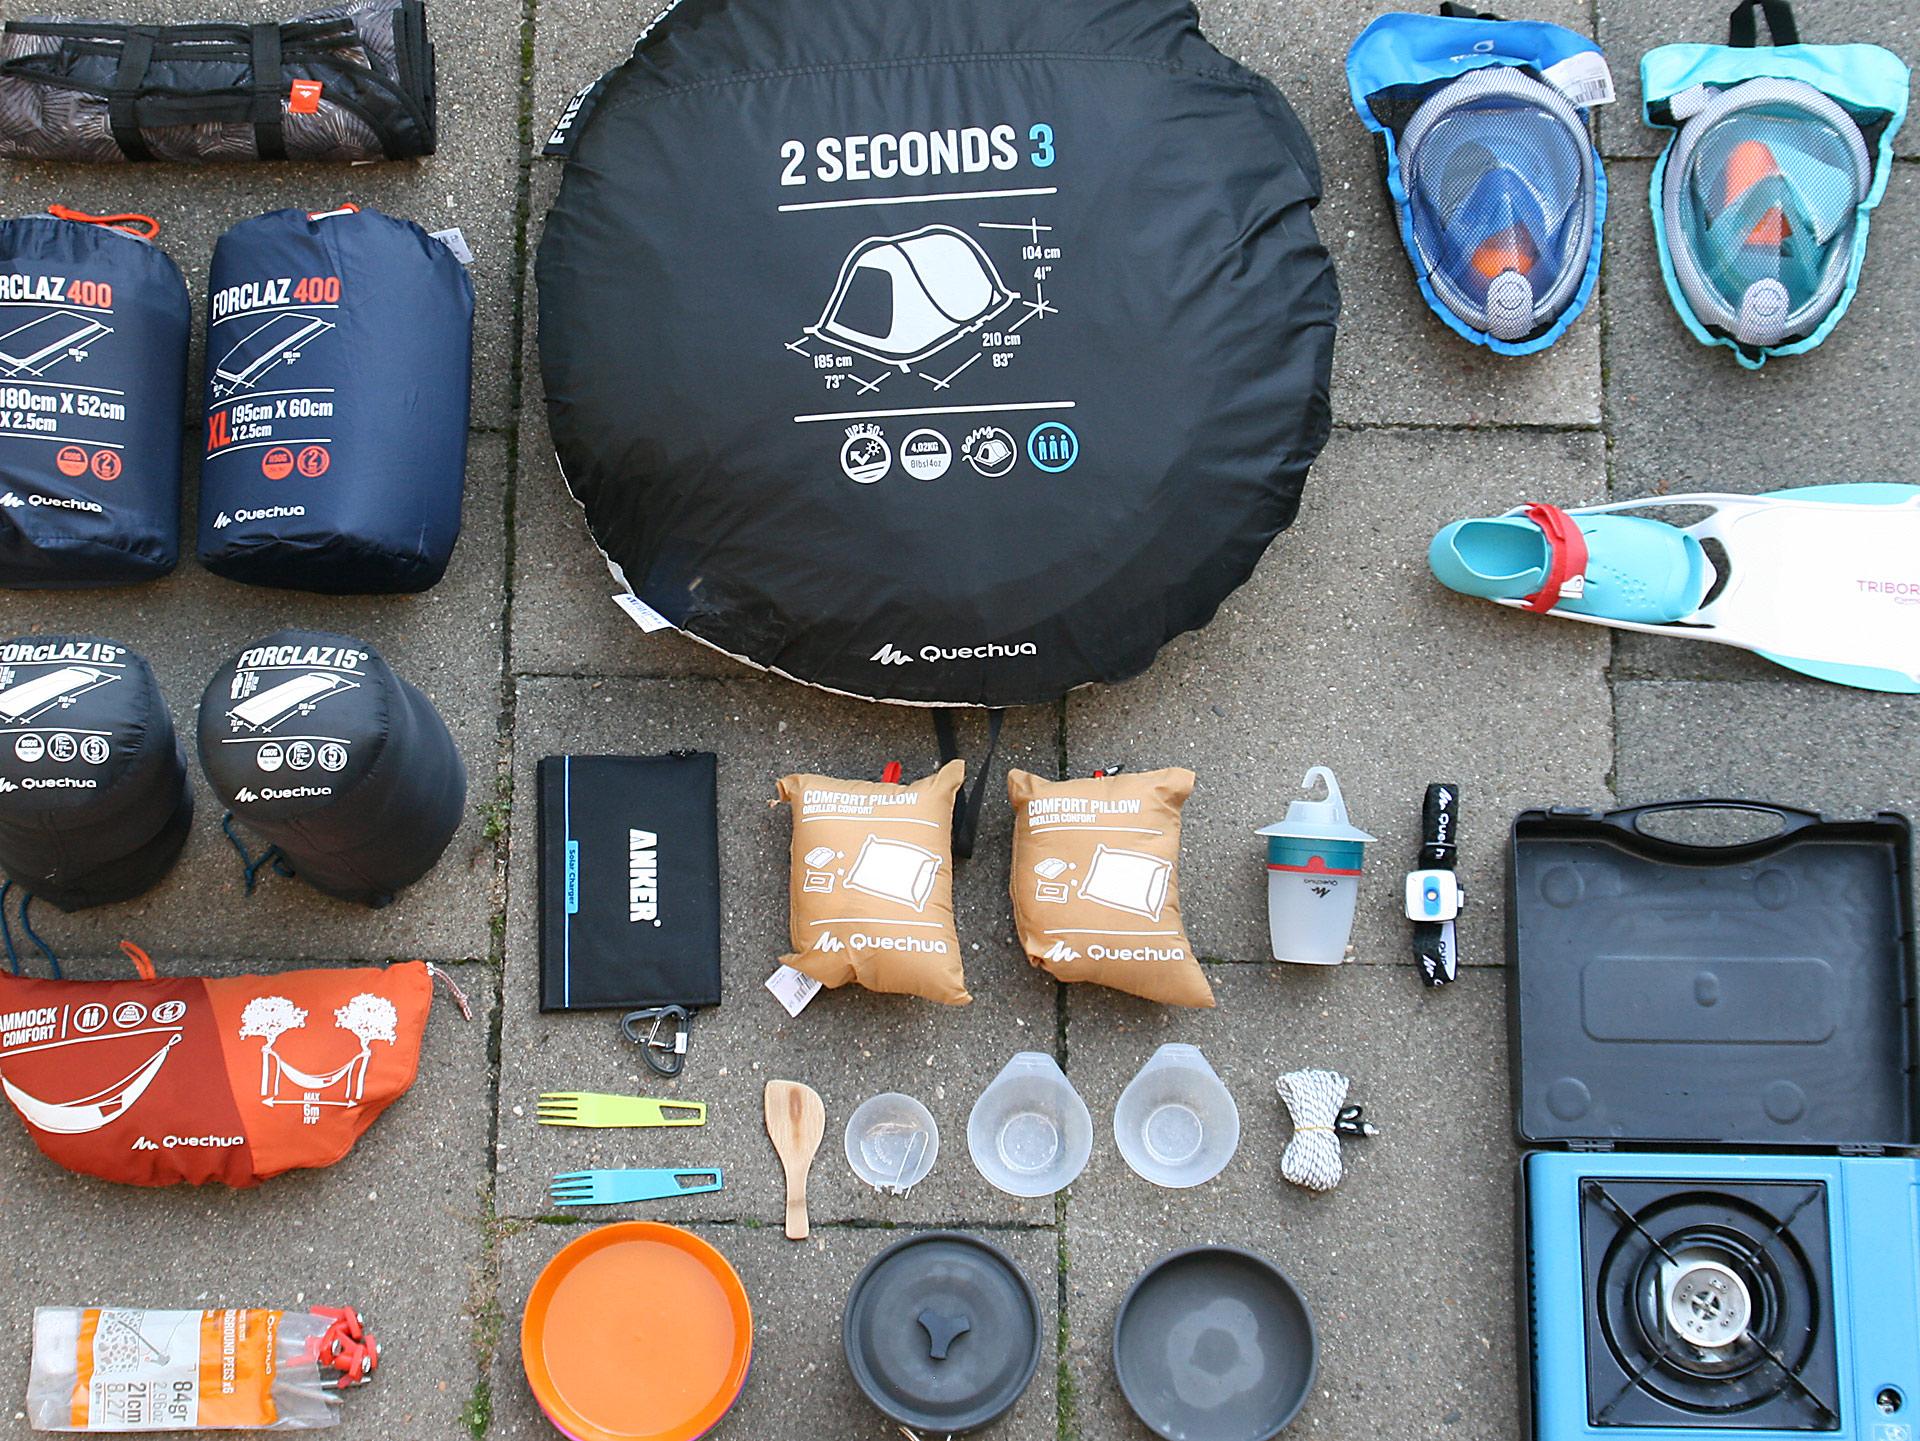 Kletterausrüstung Packliste : Packliste camping roadtrip das muss alles mit! ronnyrakete.de